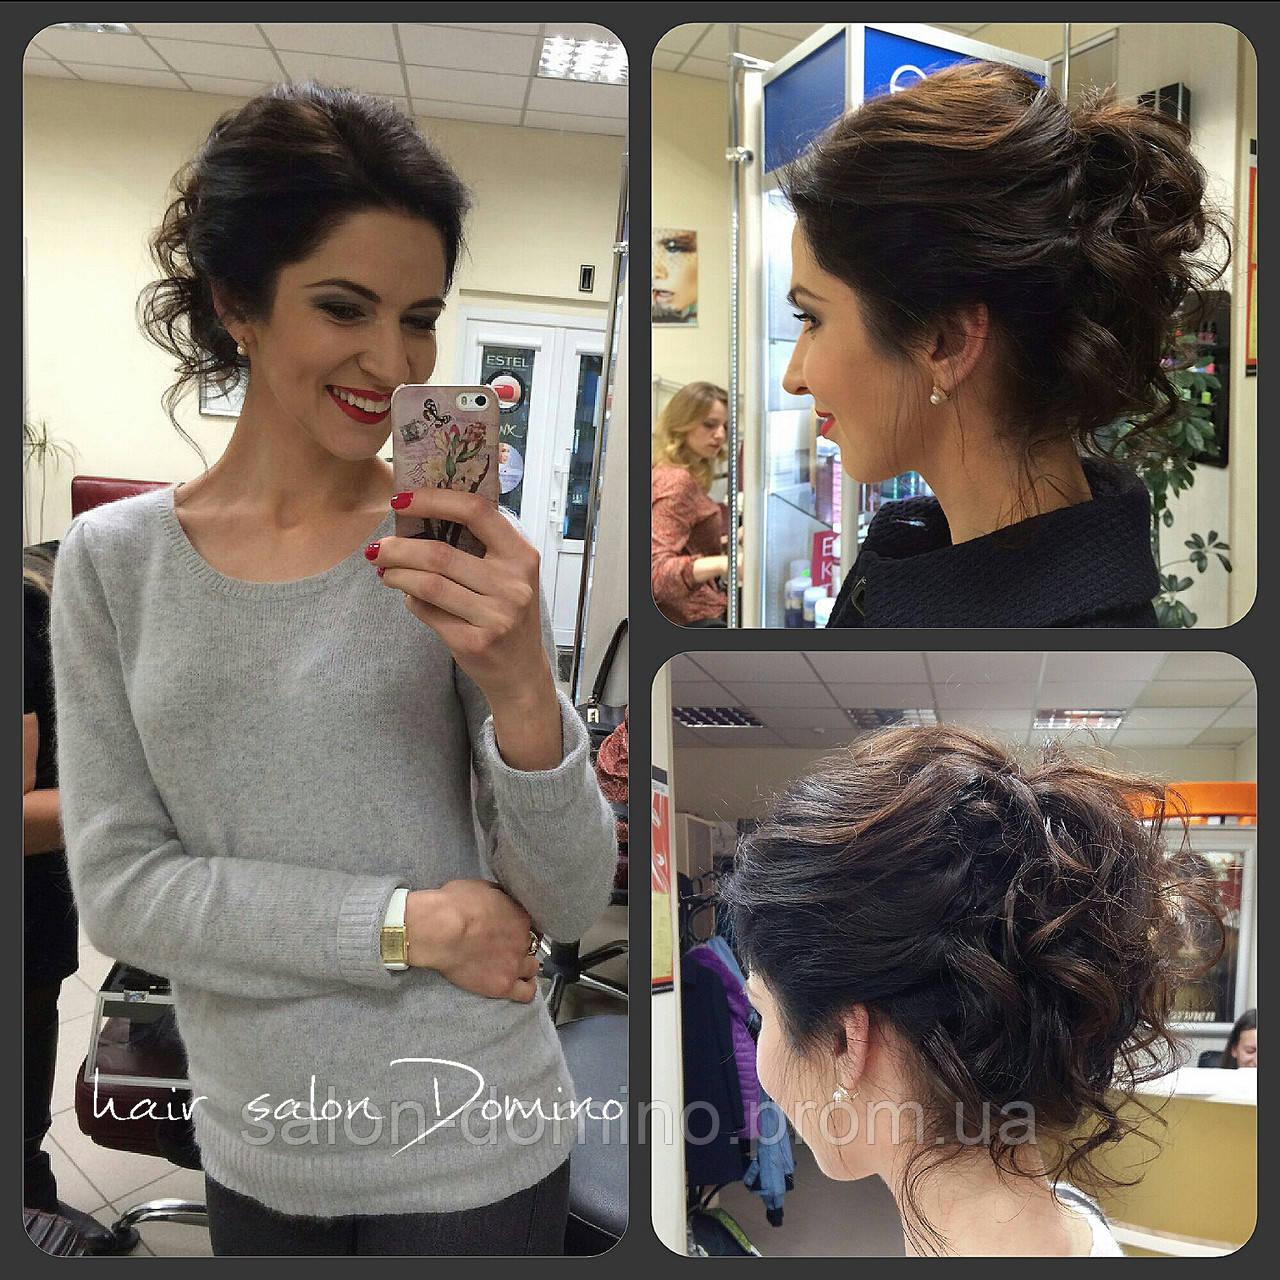 Зачіска жіноча,  Салон краси «Доміно» Львiв (Сихів)